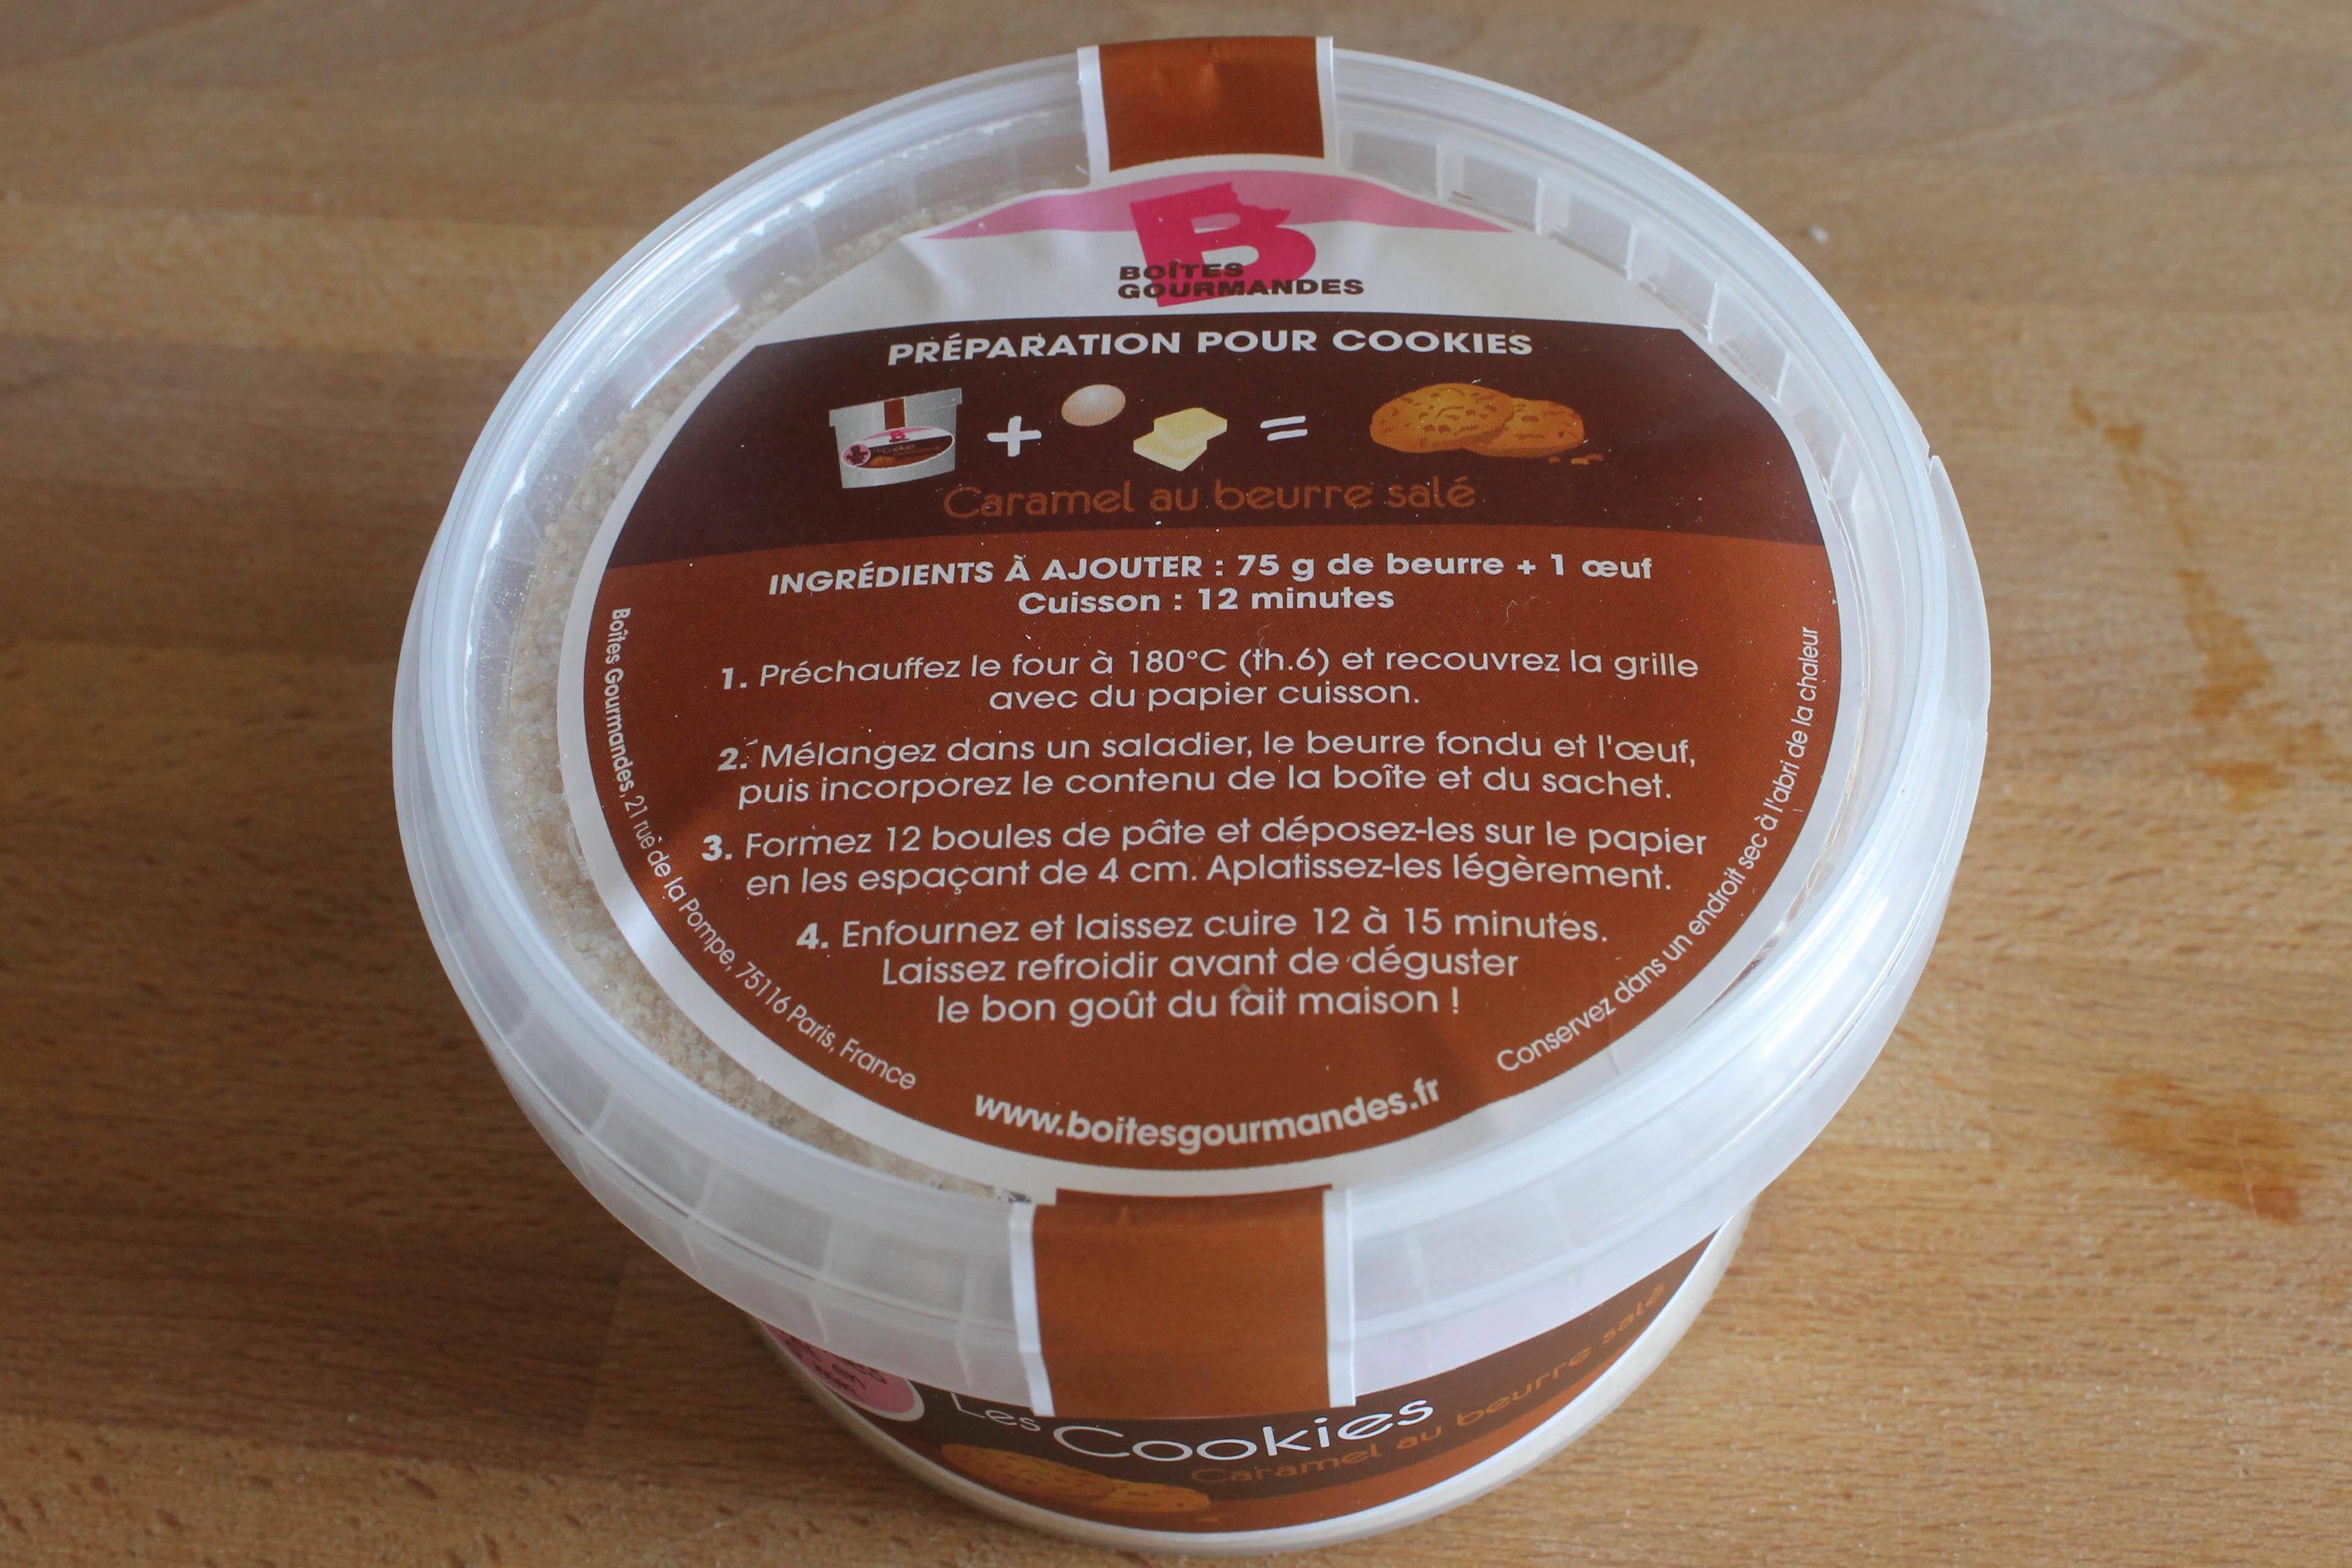 Boîte gourmande : cookies caramel au beurre salé